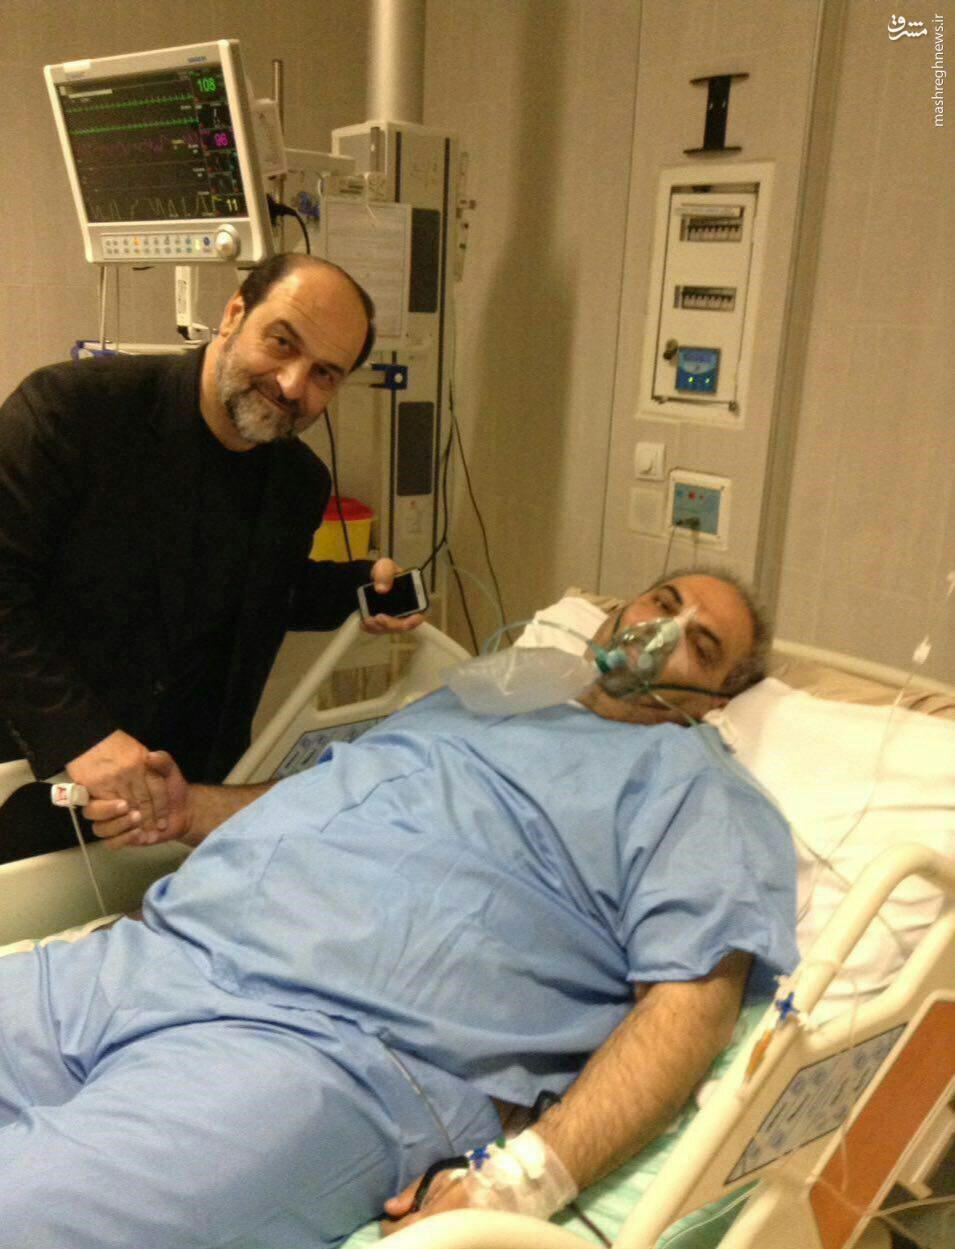 عکس/ گزارشگر مطرح فوتبال روی تخت بیمارستان